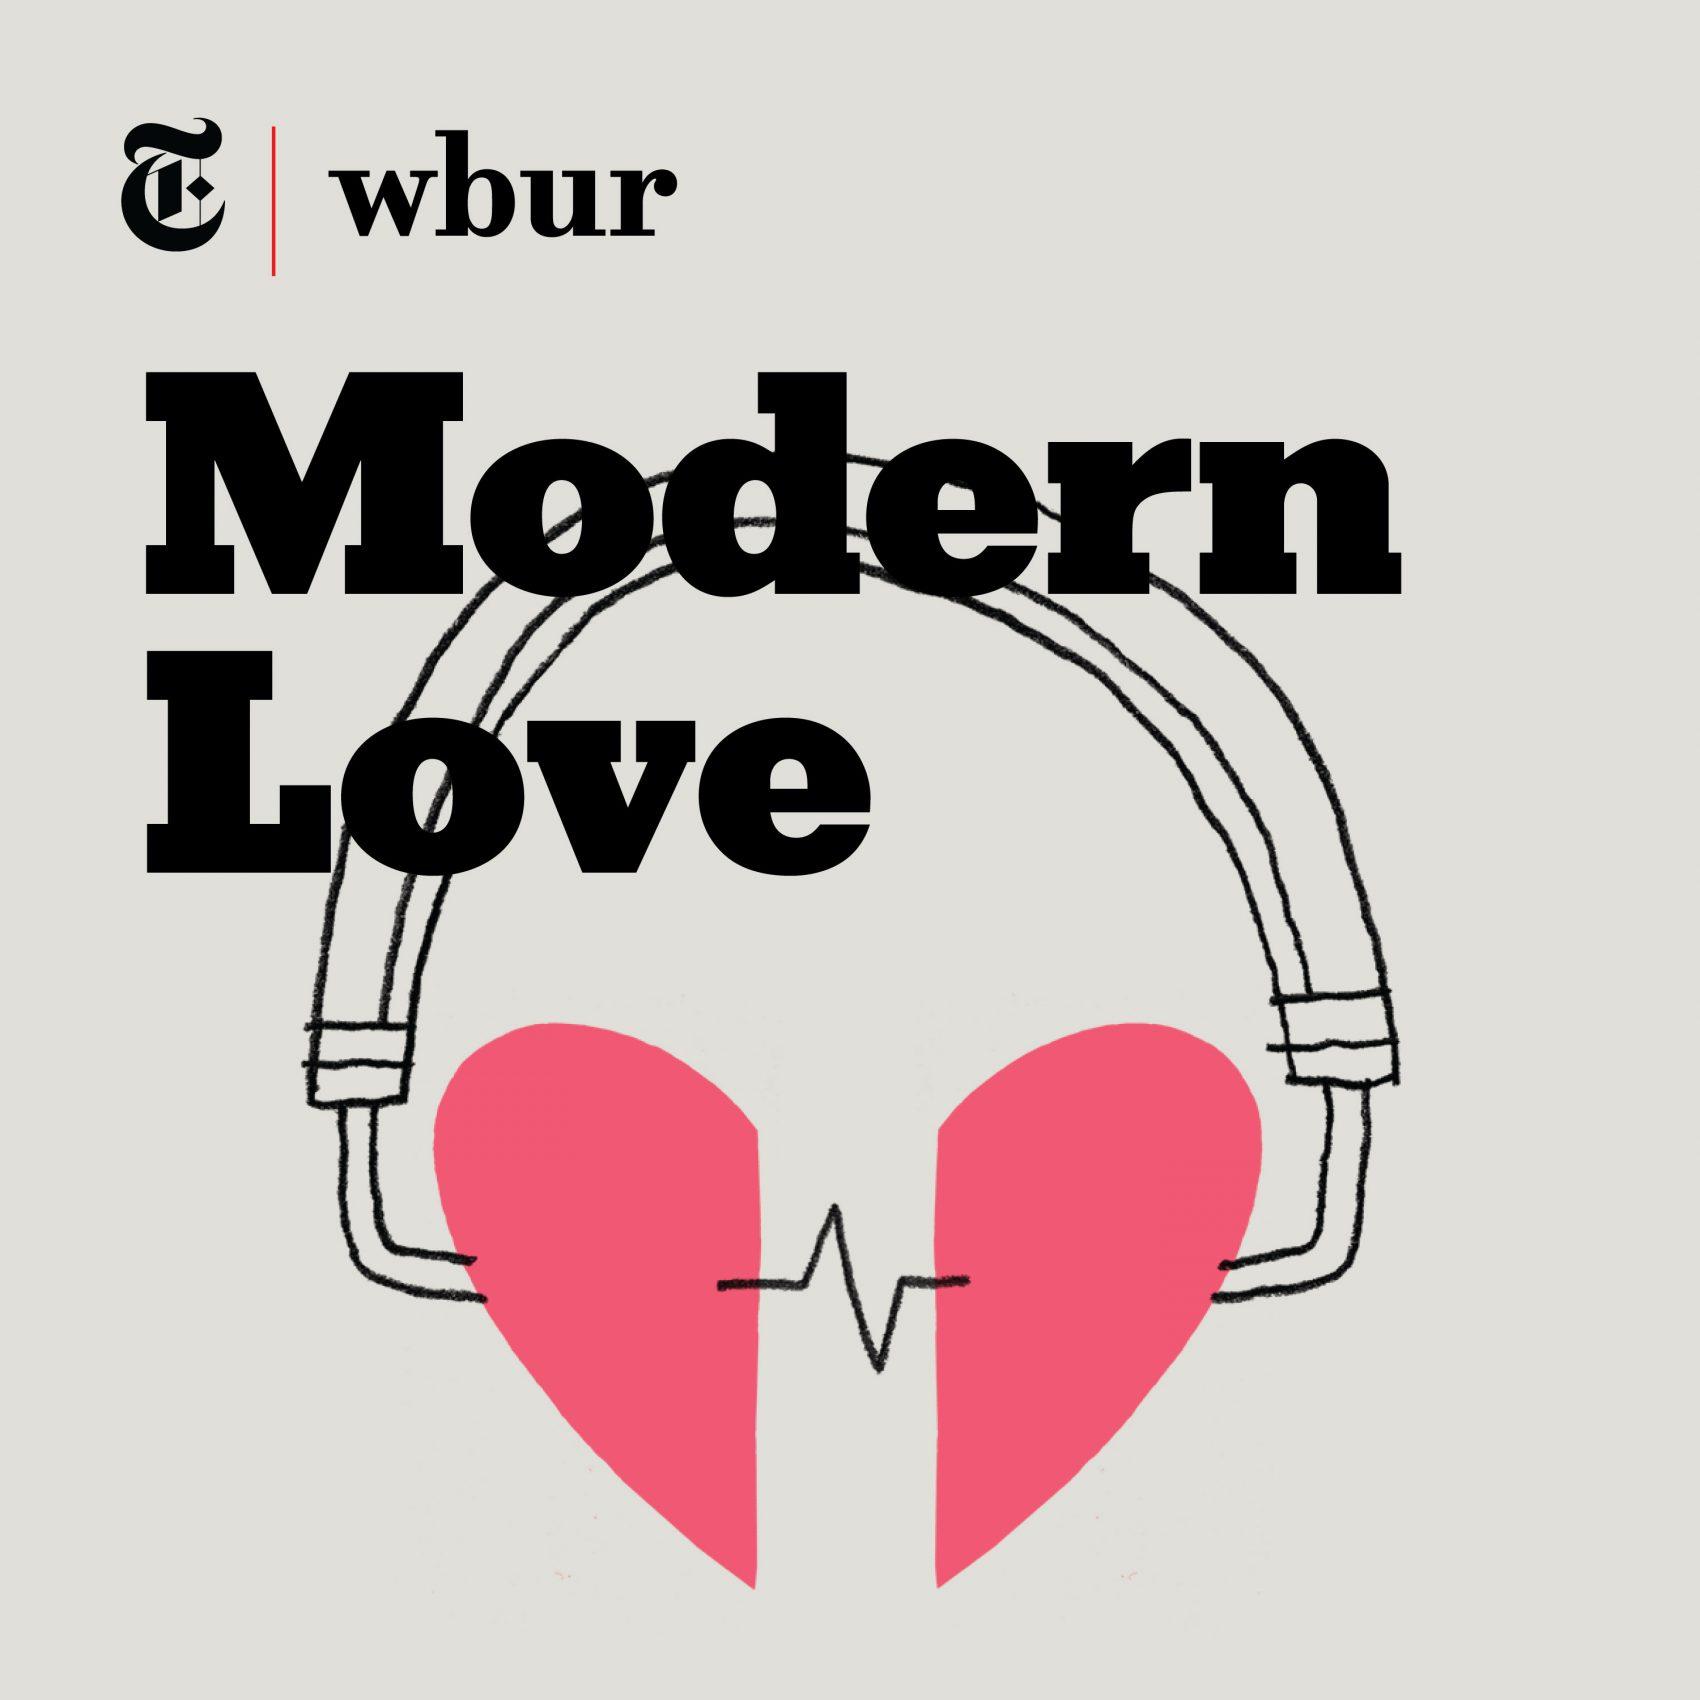 002 Tile Modern Love Essays Essay Phenomenal Contest Winner Amy Rosenthal Full